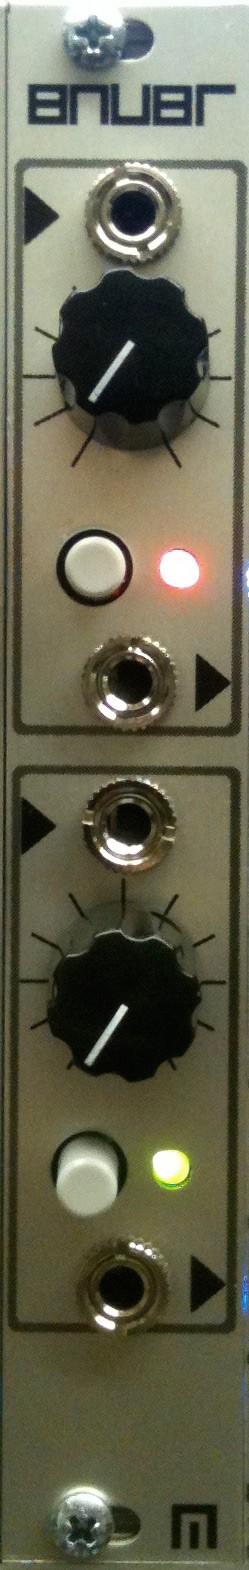 Malekko Modular 8NU8R